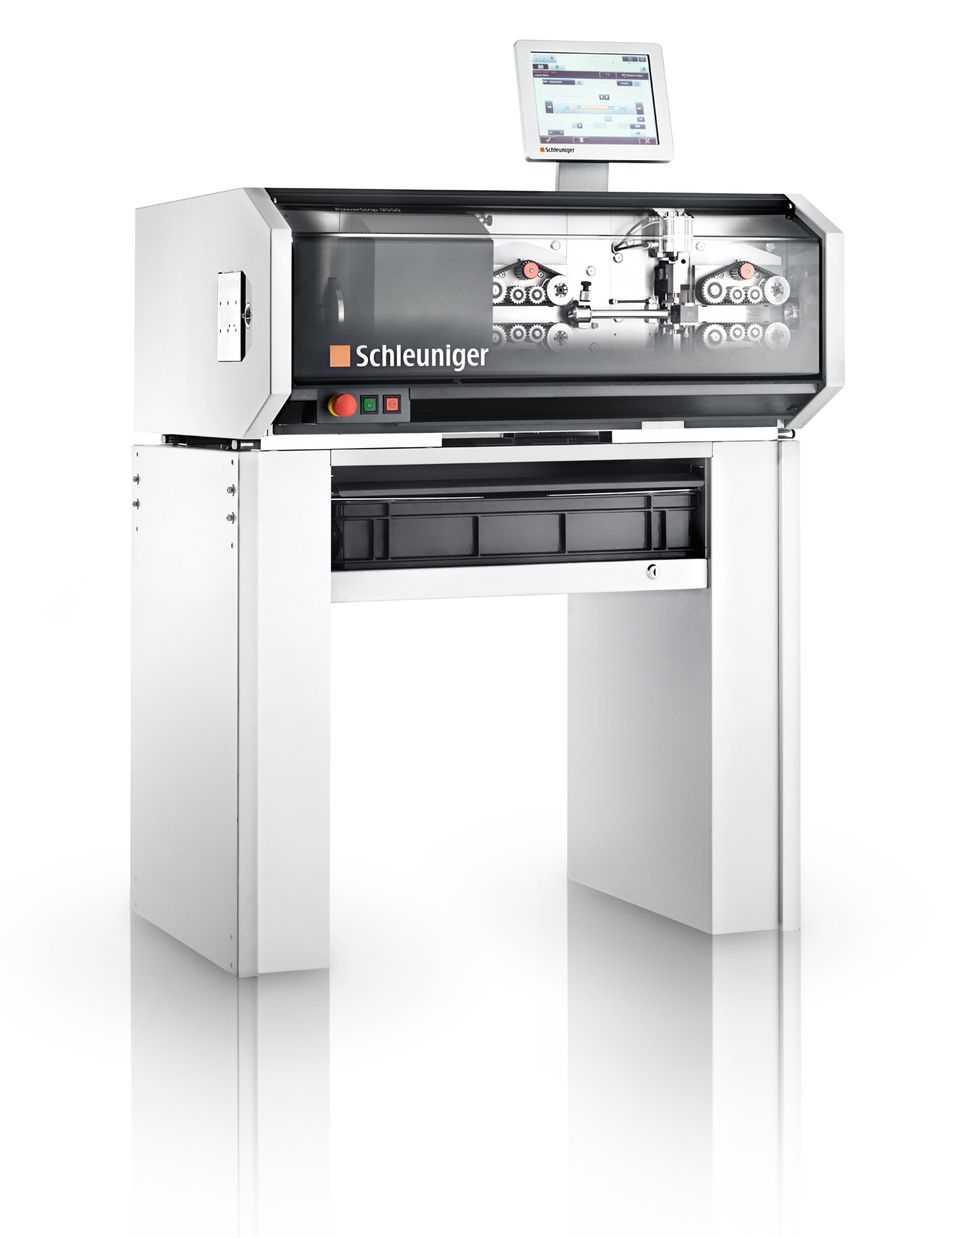 Nieuwe draadsnijmachine elektro montage afdeling maatwerkbedrijf AMAB